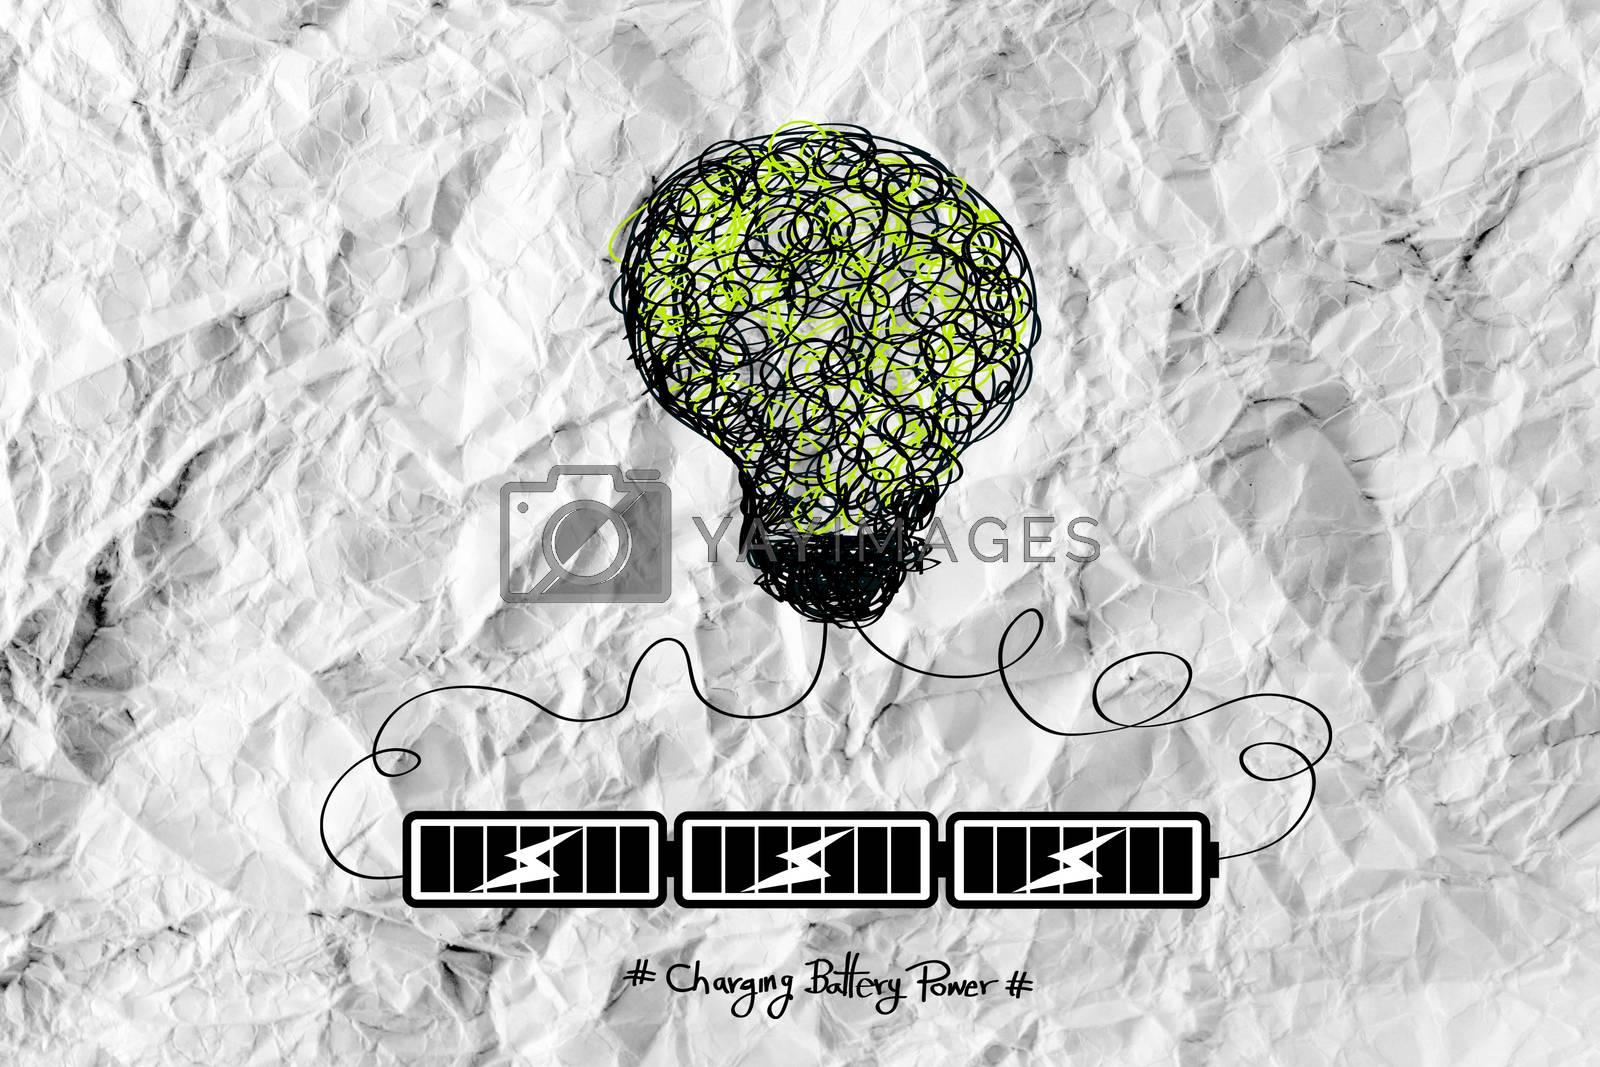 Light bulb Charging Battery Power Idea design on crumpled paper by kiddaikiddee